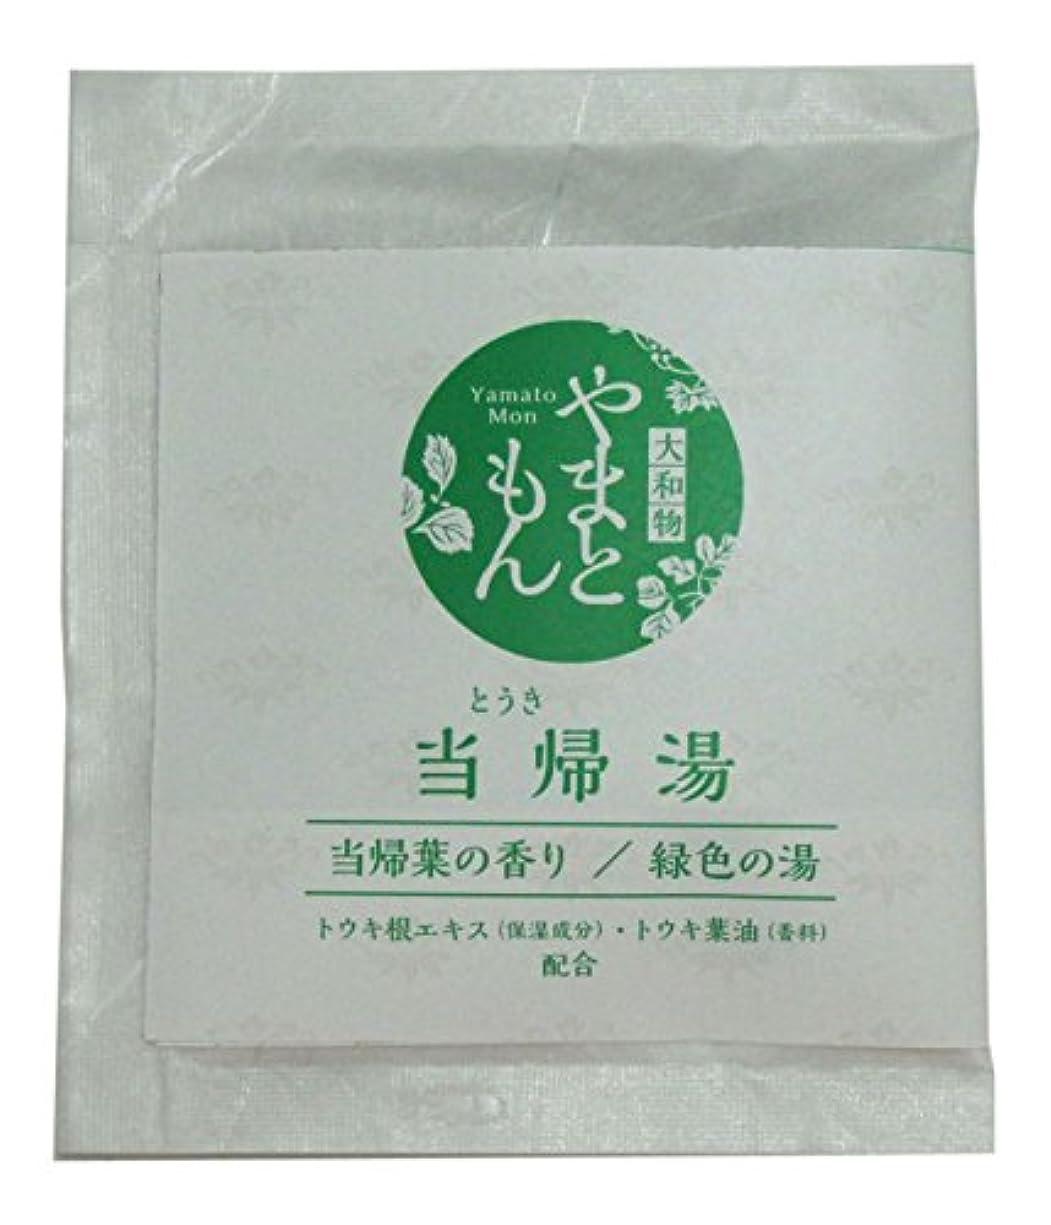 誘導パールビルマ奈良産和漢生薬エキス使用やまともん化粧品 当帰湯(とうきゆ)